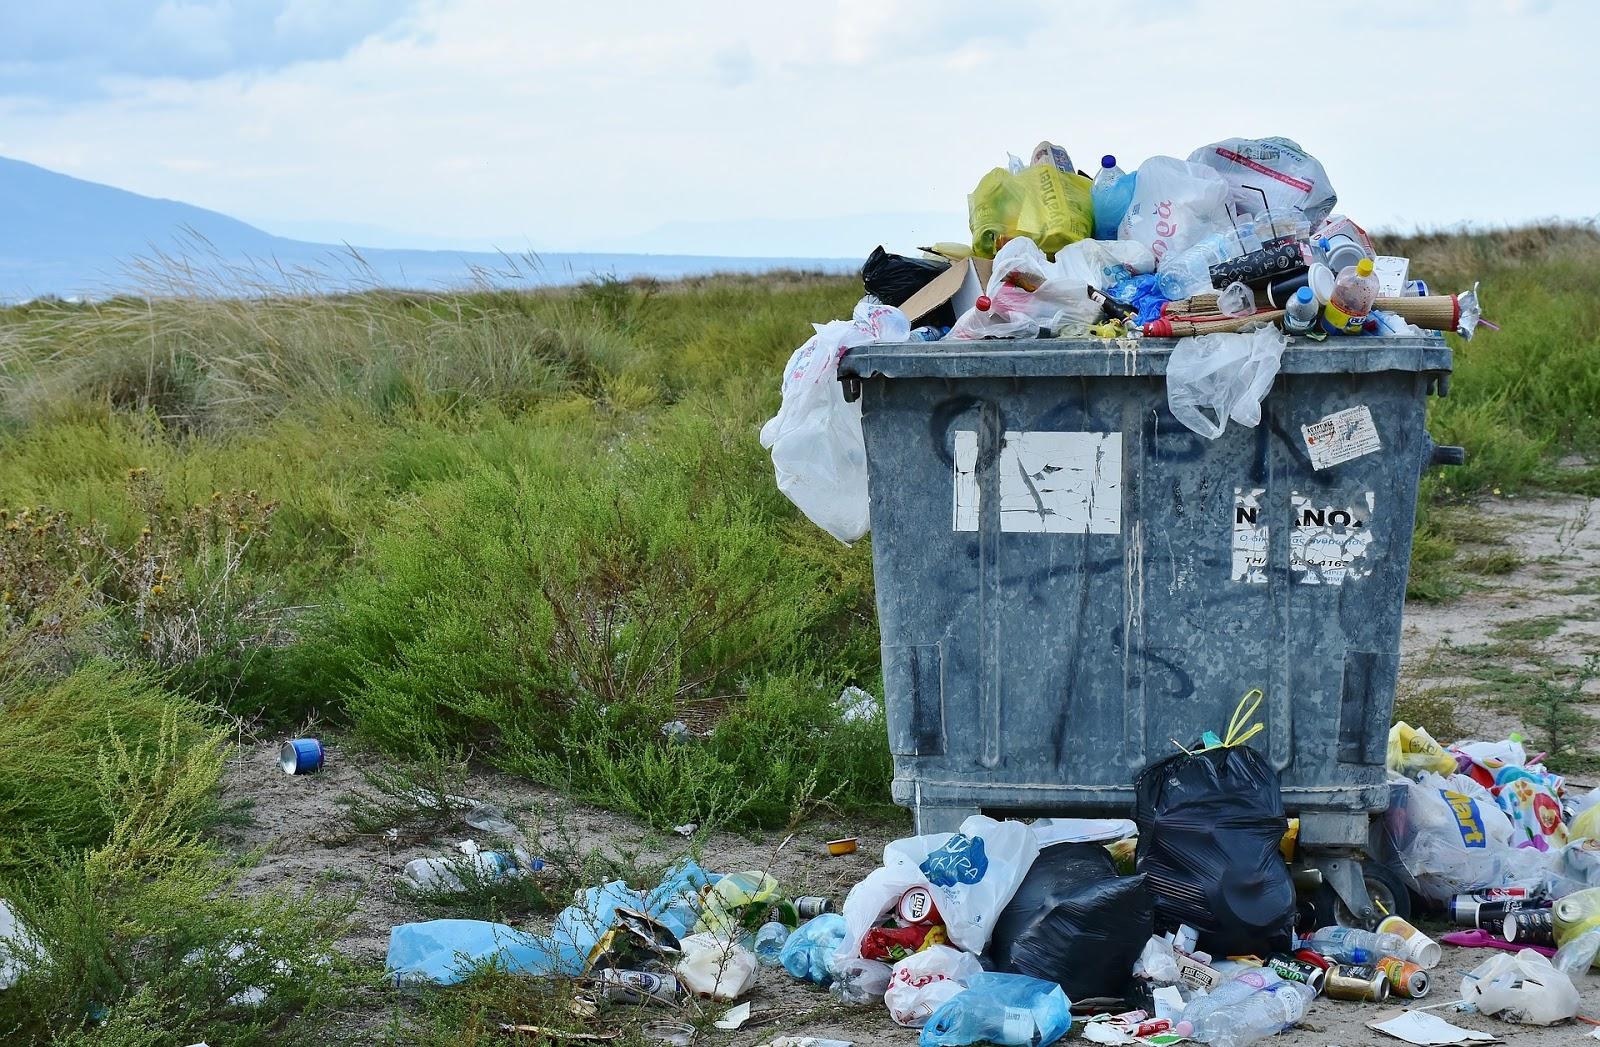 Plastikowe worki i śmieci rozsypane wokół kontenera na odpady na tle dzikiej przyrody